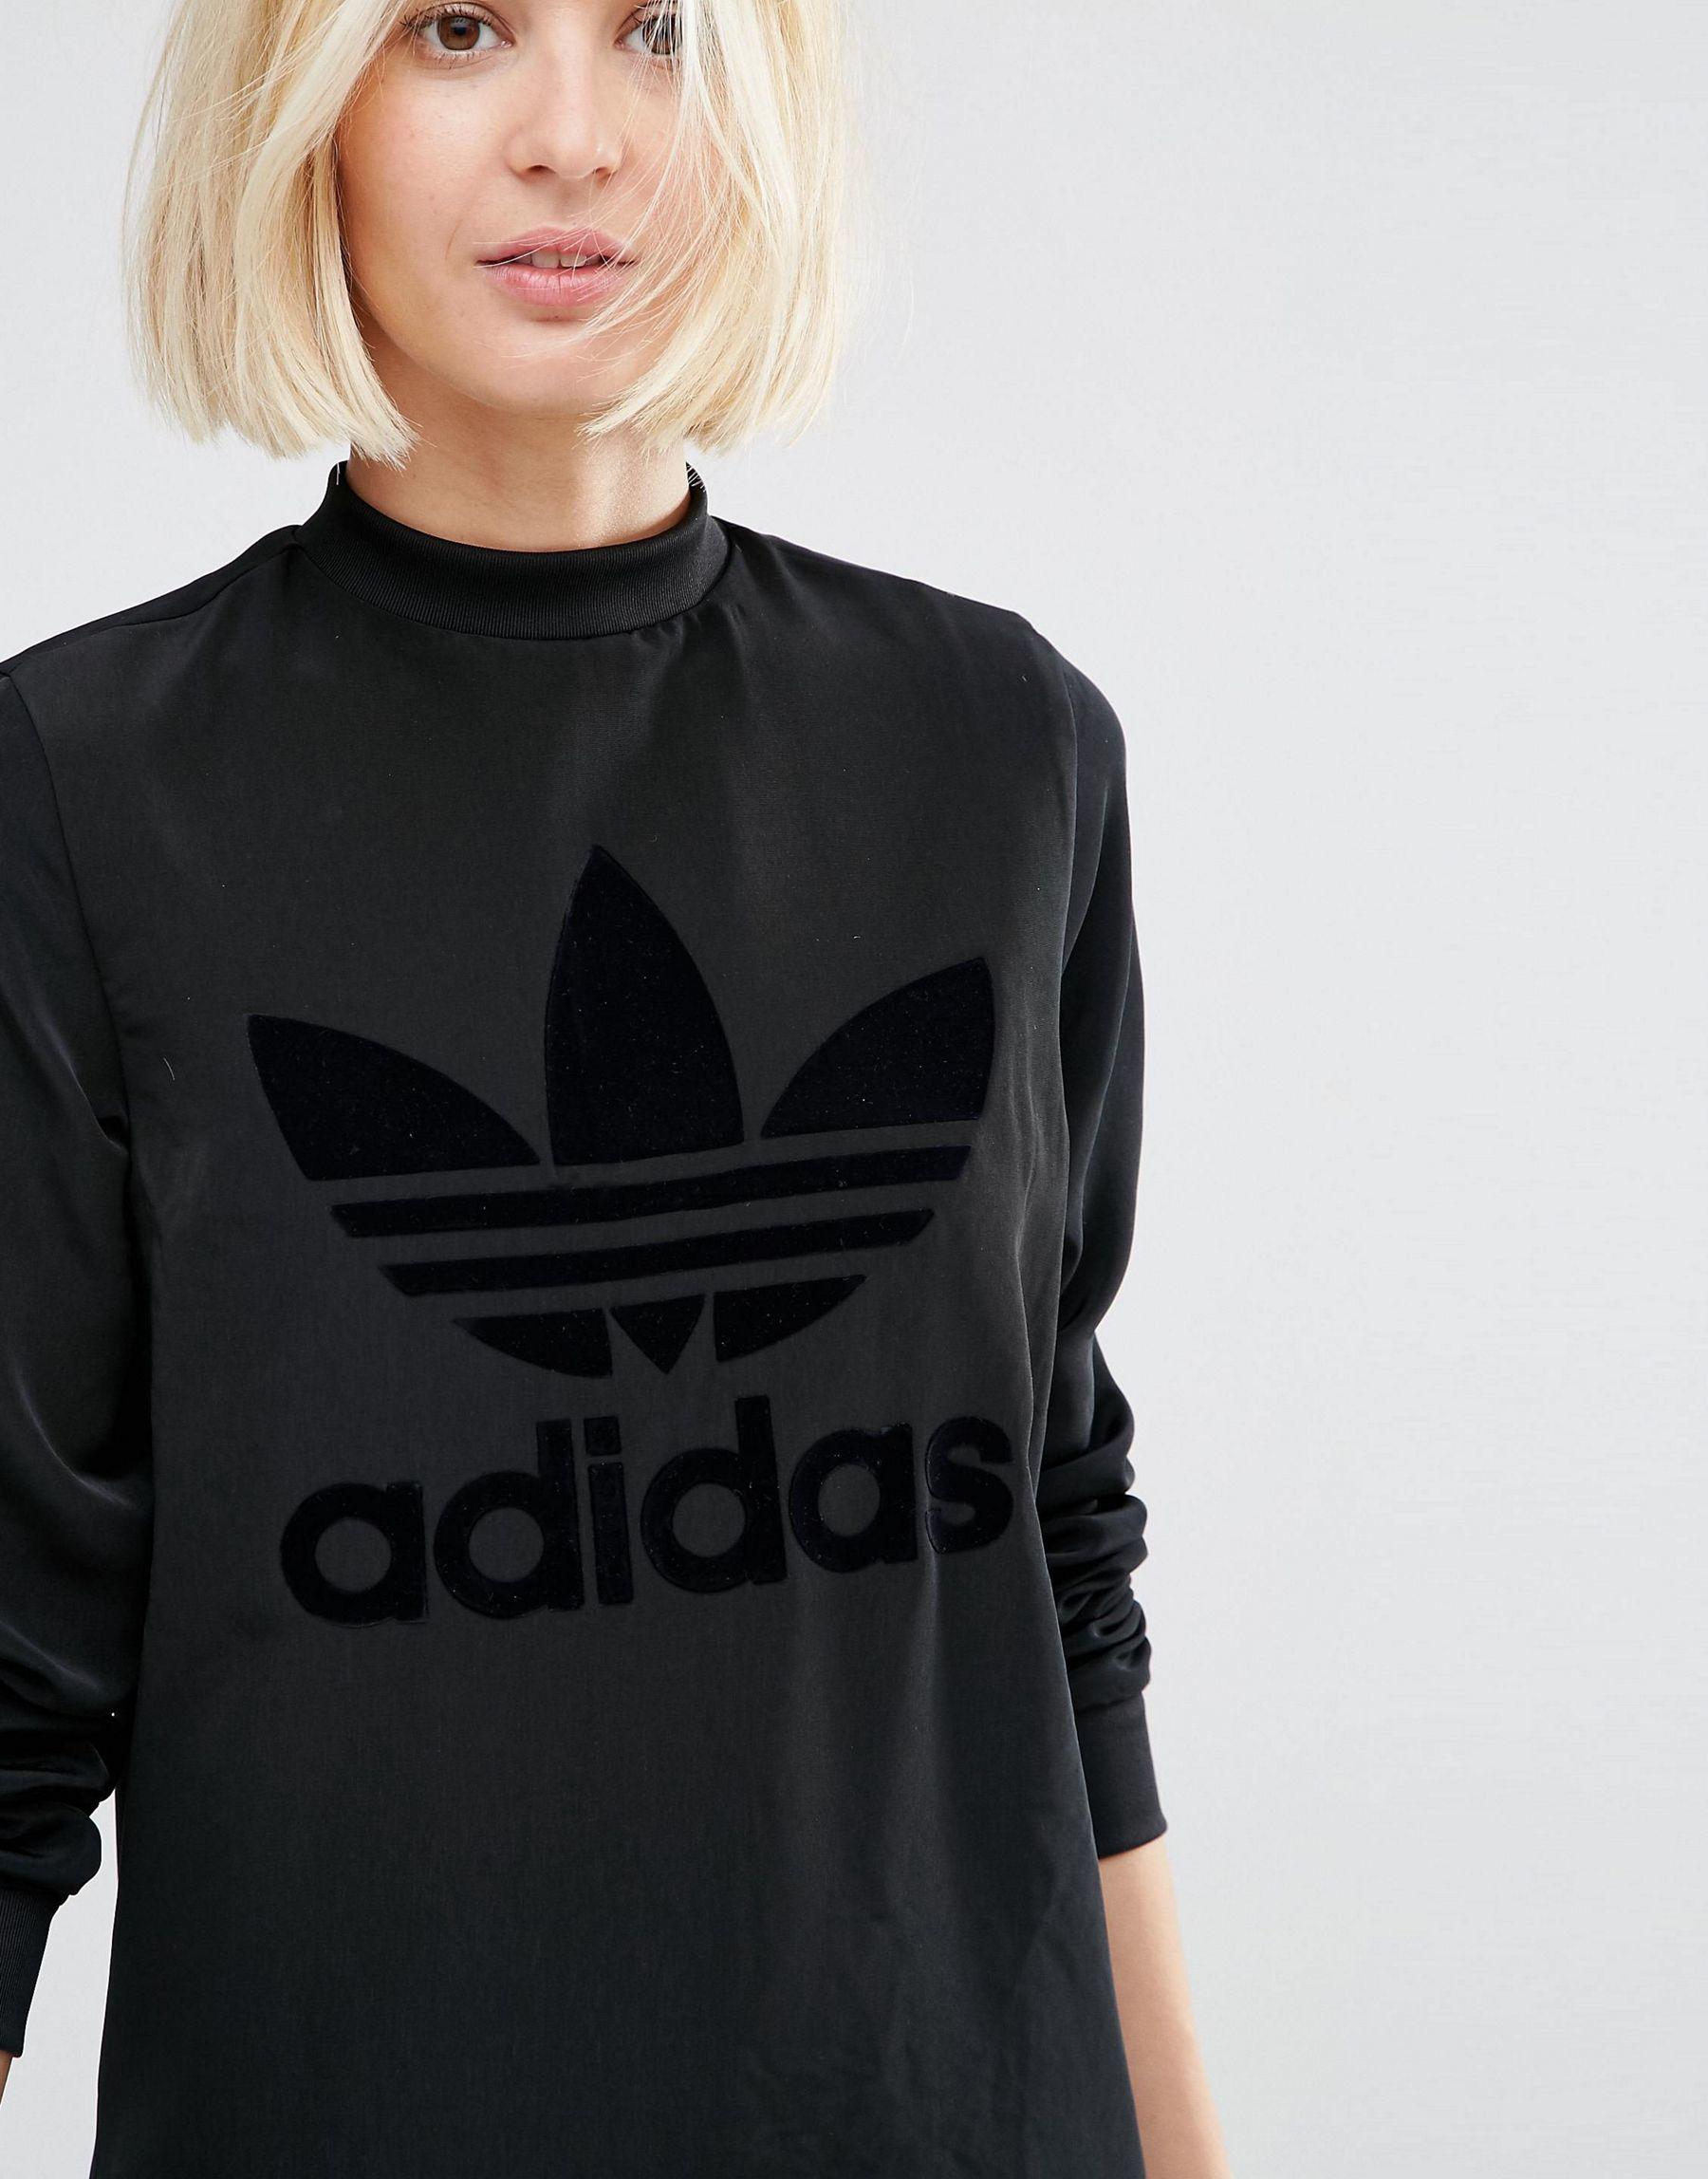 5f023a9b16 adidas Originals Originals Double Layer Maxi Dress With Tonal ...